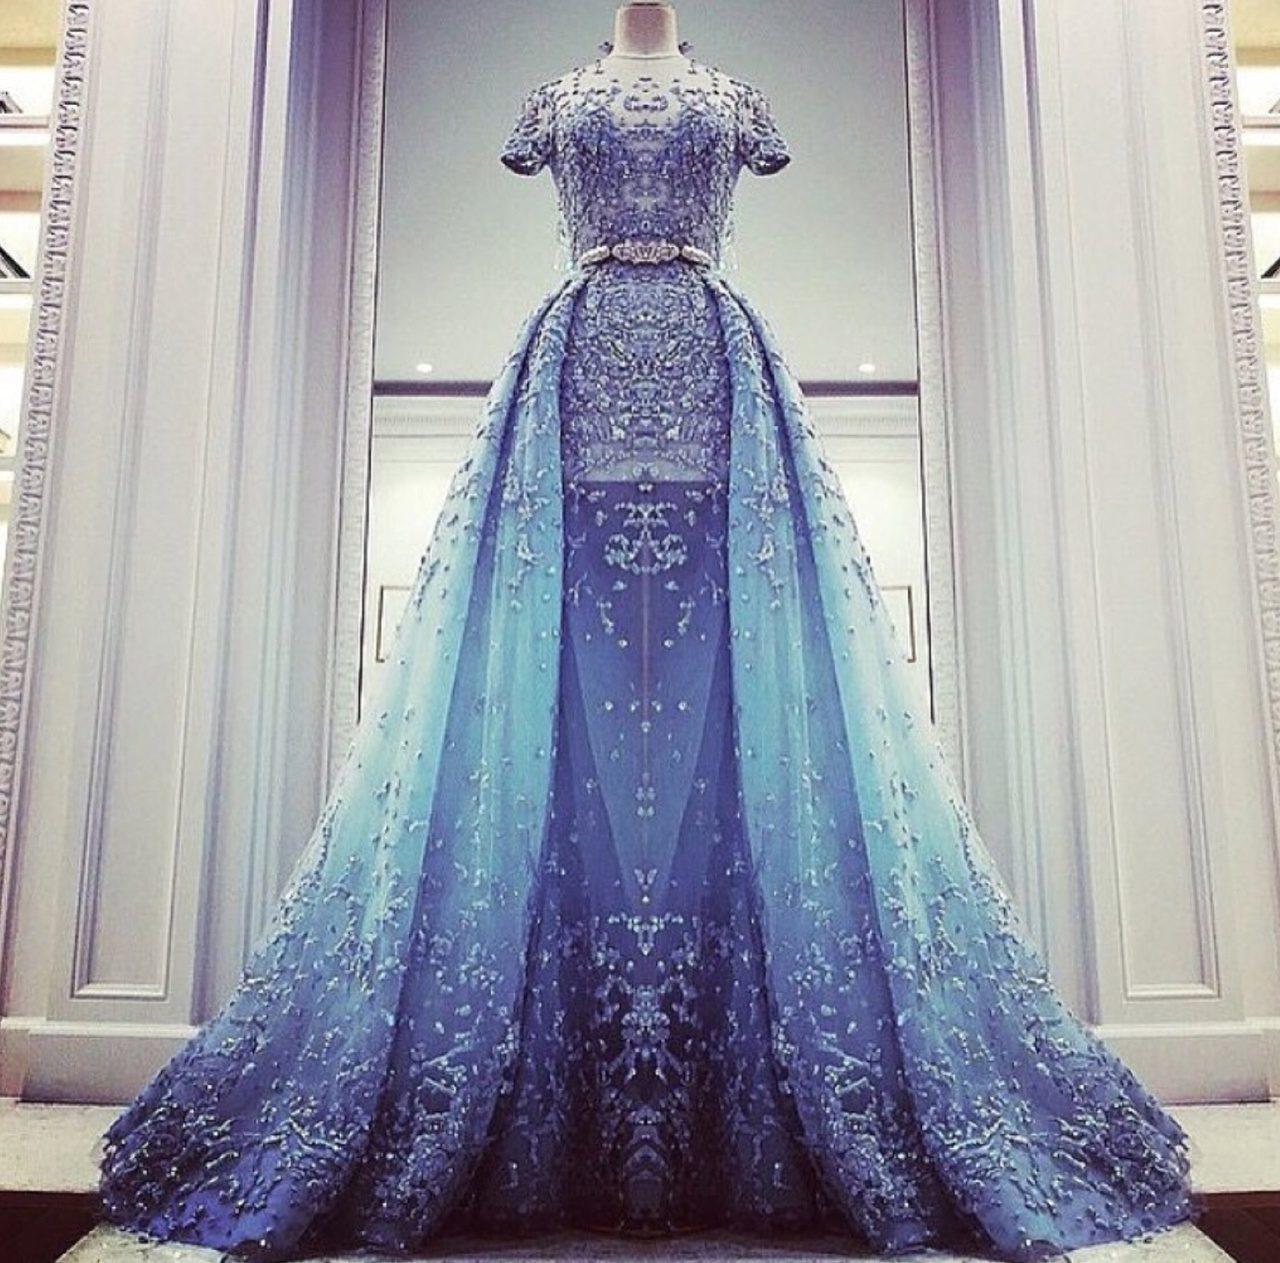 Фото самое красивое платье в мире 2017